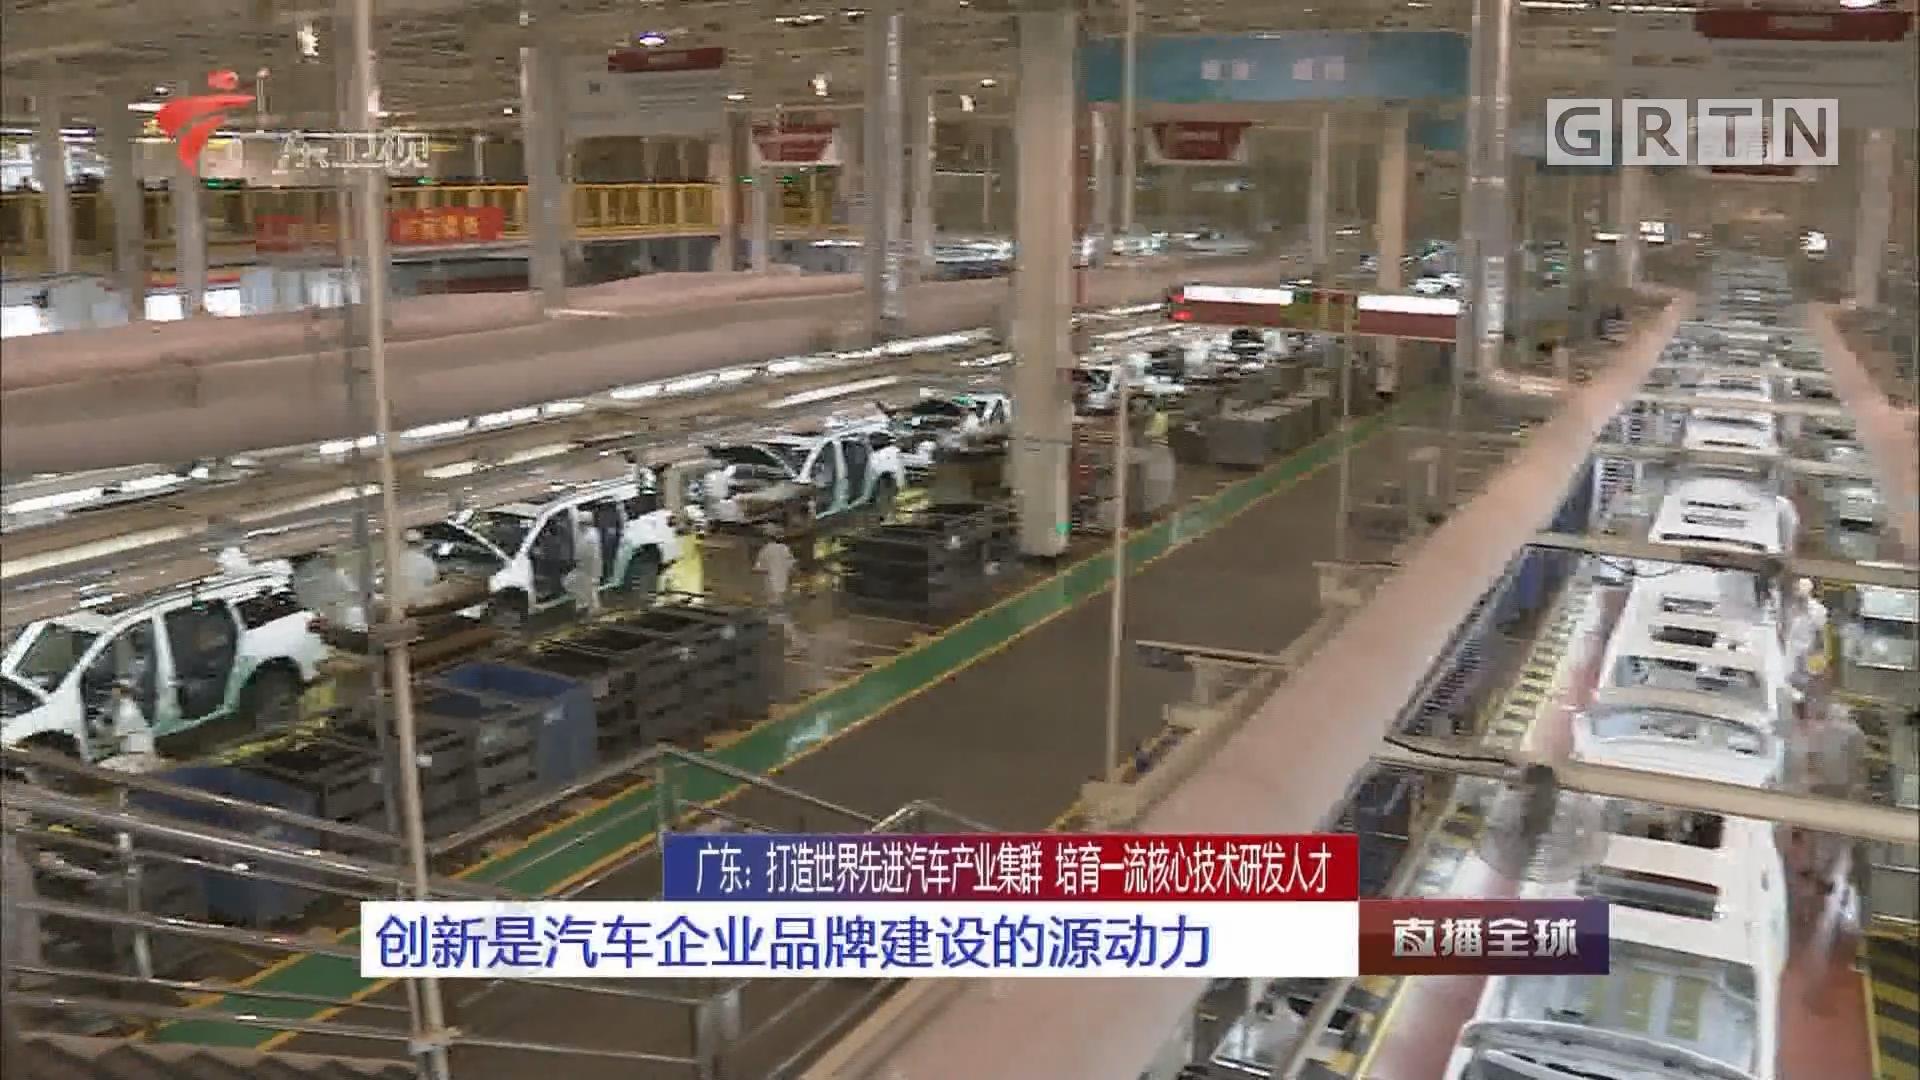 广东:打造世界先进汽车产业集群 培育一流核心技术研发人才 创新是汽车企业品牌建设的源动力